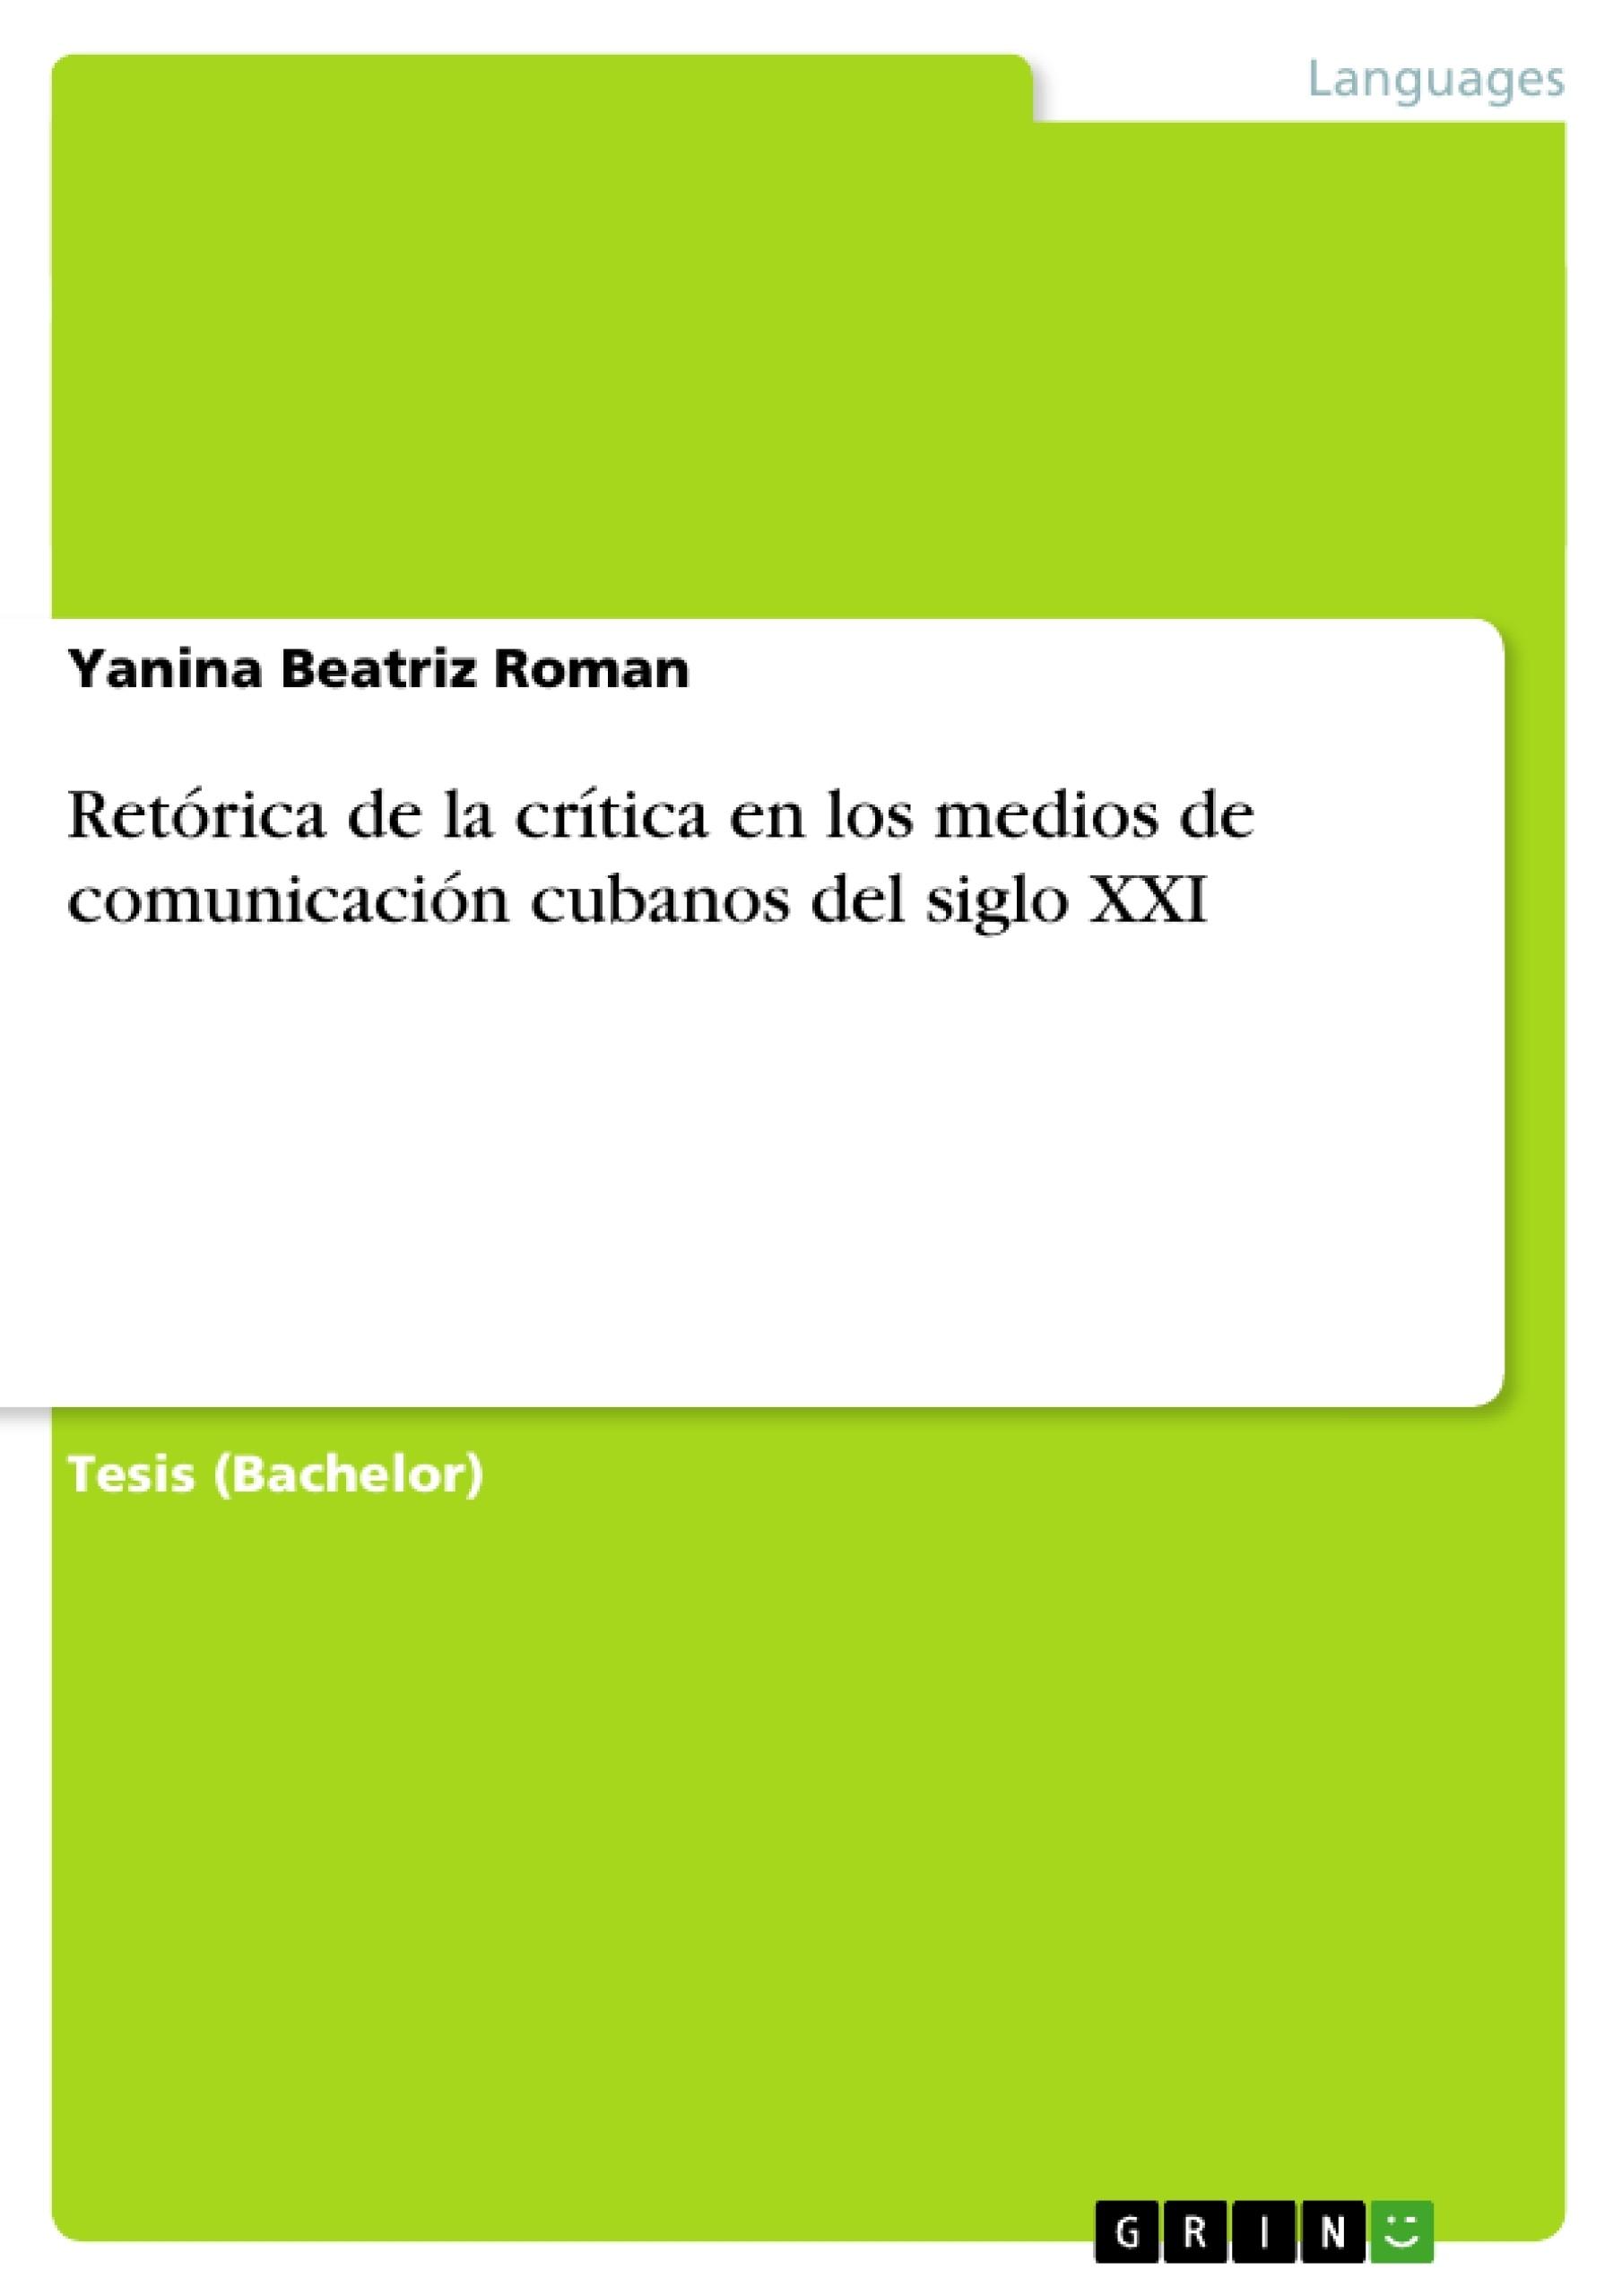 Título: Retórica de la crítica en los medios de comunicación cubanos del siglo XXI